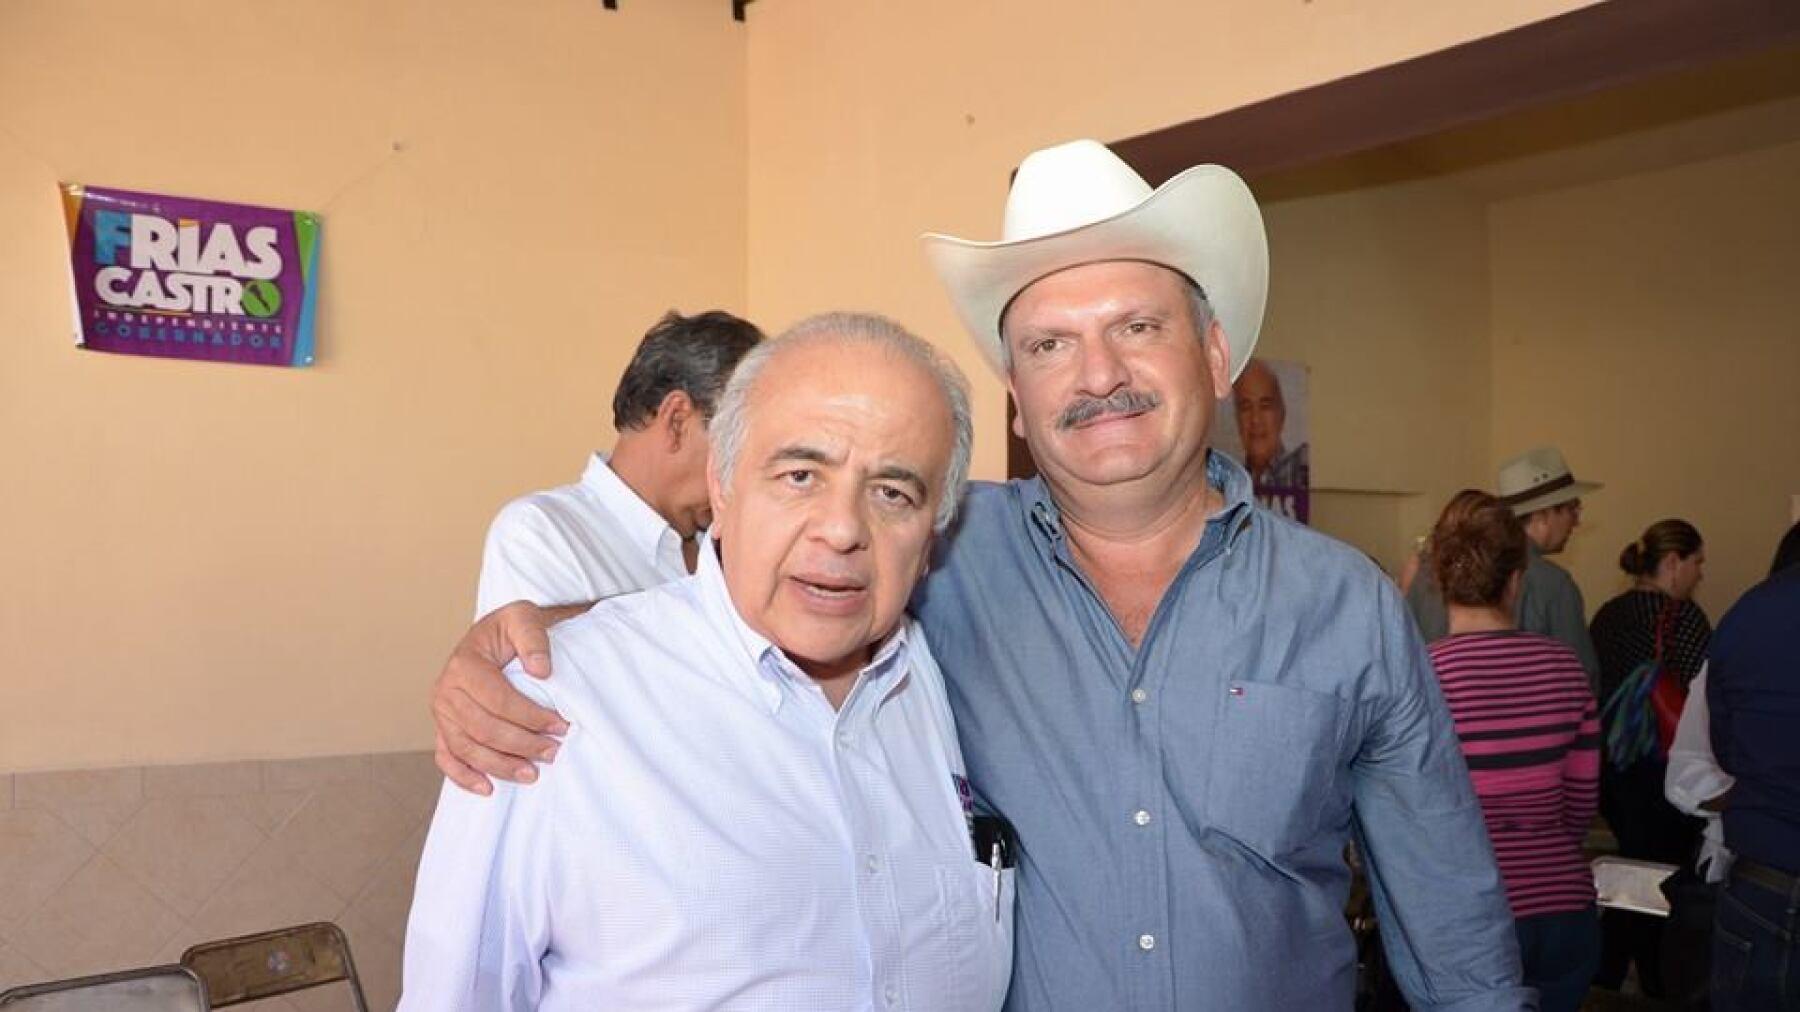 Francisco Cuauhtémoc Frías Castro